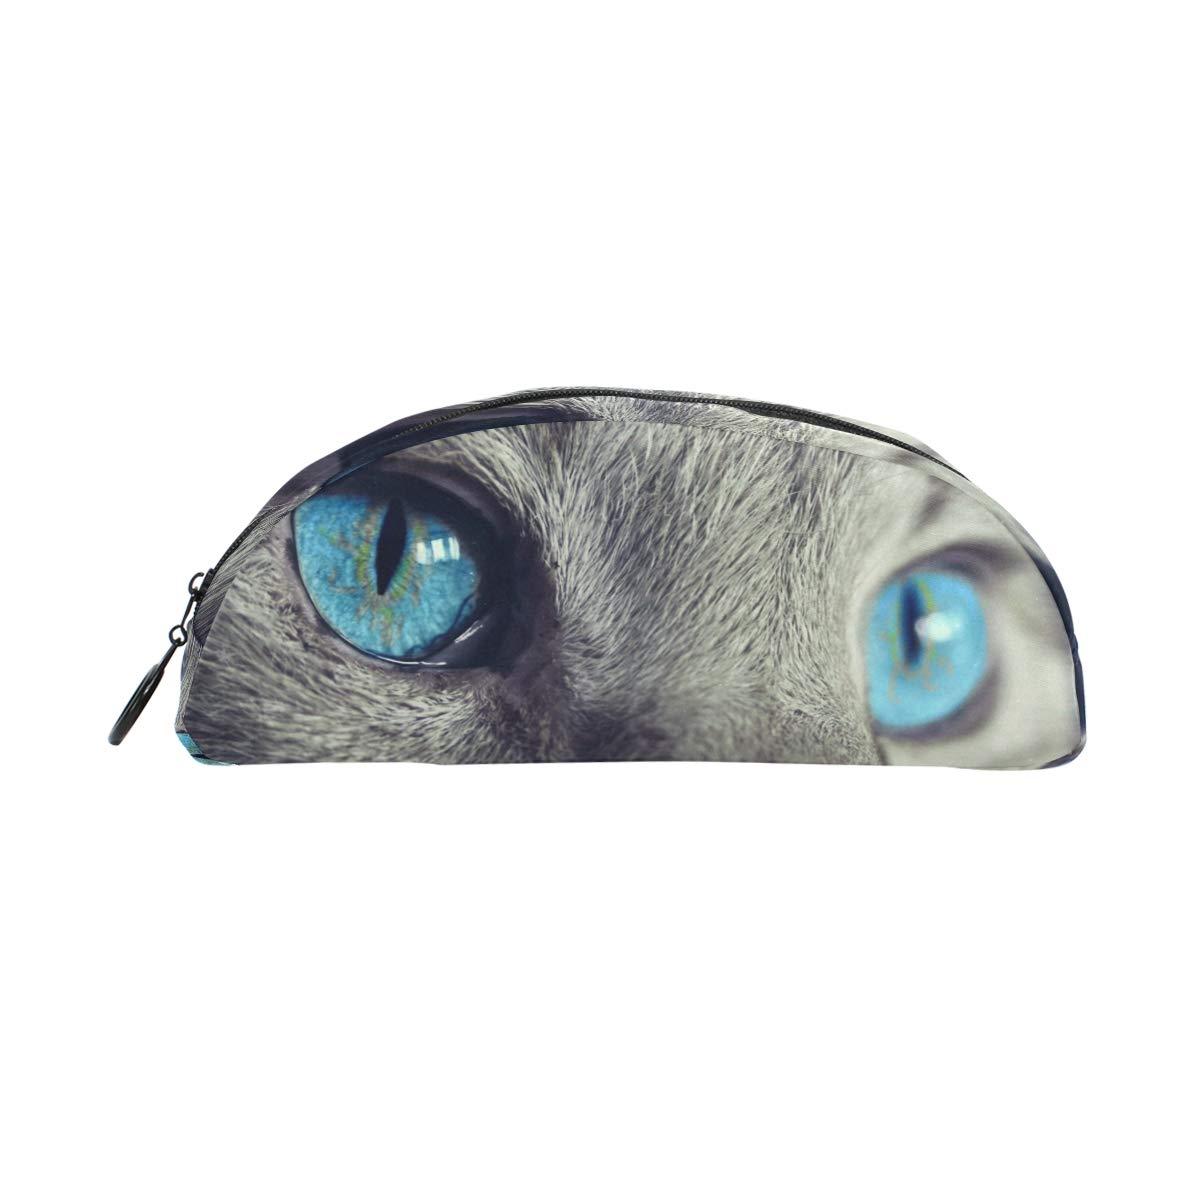 Estuche para lápices de gato con ojos azules para la escuela, para niños, con estuche semicircular, gran capacidad, para maquillaje, cosméticos, oficina, bolsa de viaje: Amazon.es: Oficina y papelería